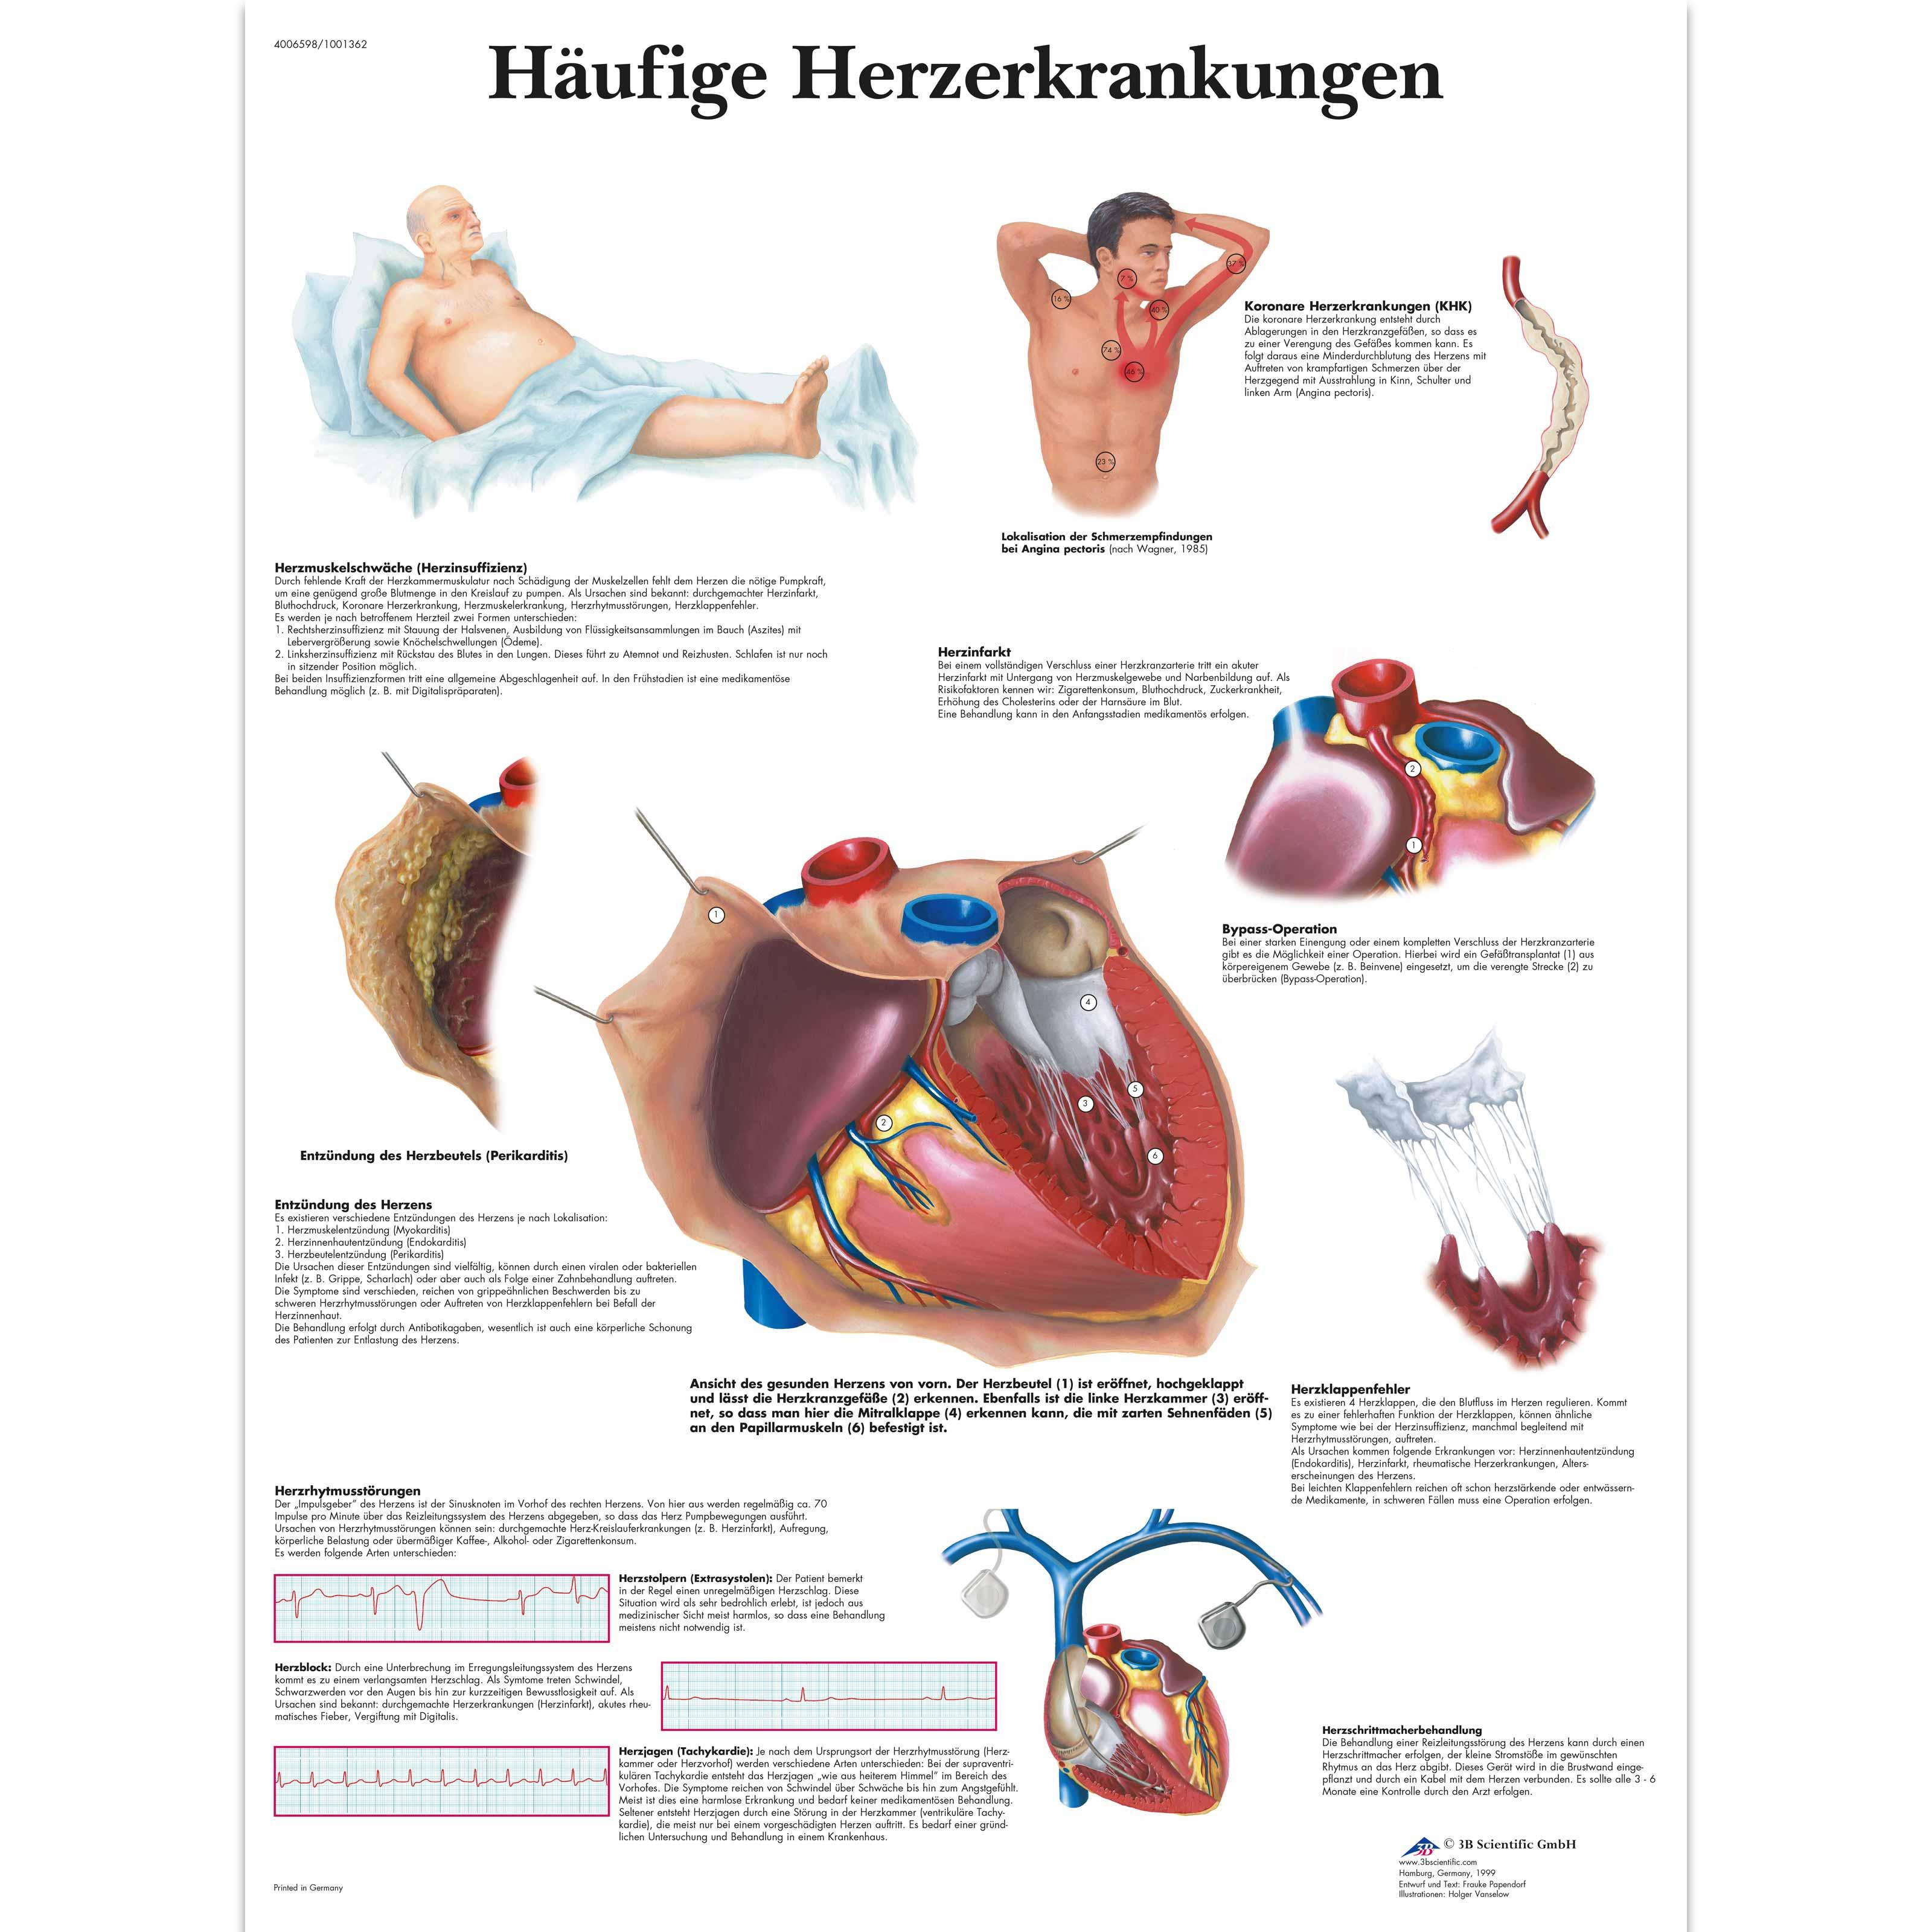 Lehrtafel - Häufige Herzerkrankungen - 4006598 - VR0343UU - Herz ...